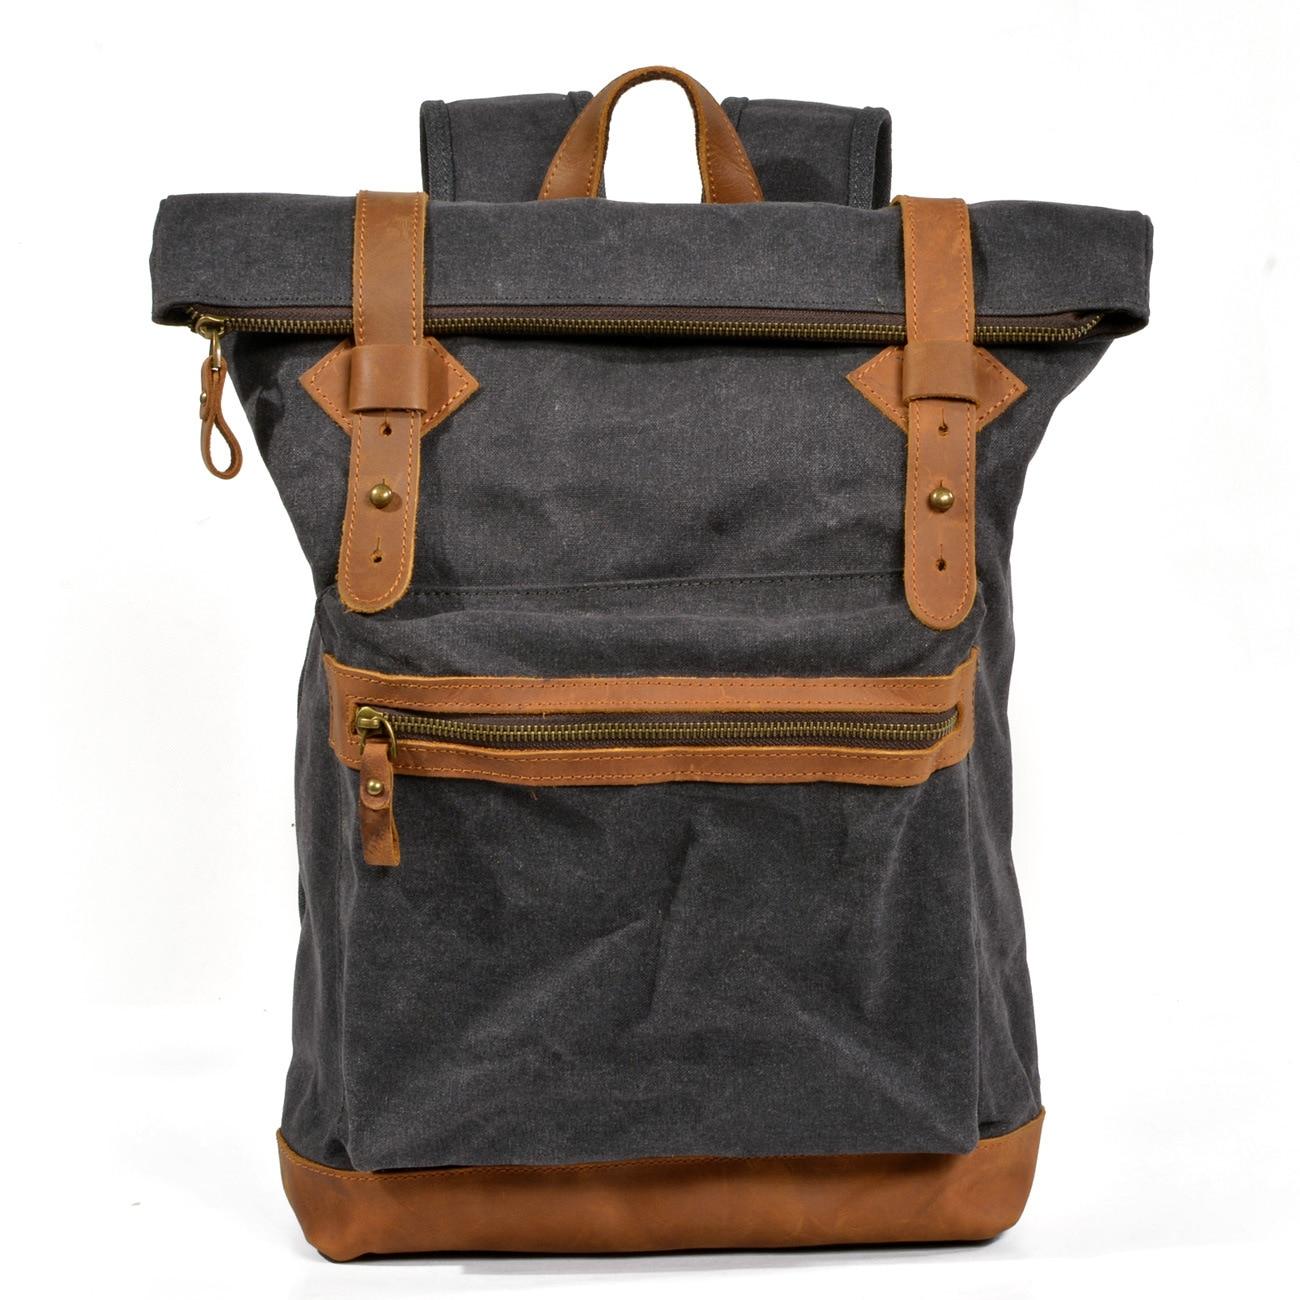 Voyage toile rétro hommes épaule sac à dos sac à main étanche randonnée sac d'école grande capacité sac à dos pour ordinateur portable Bookbag de haute qualité